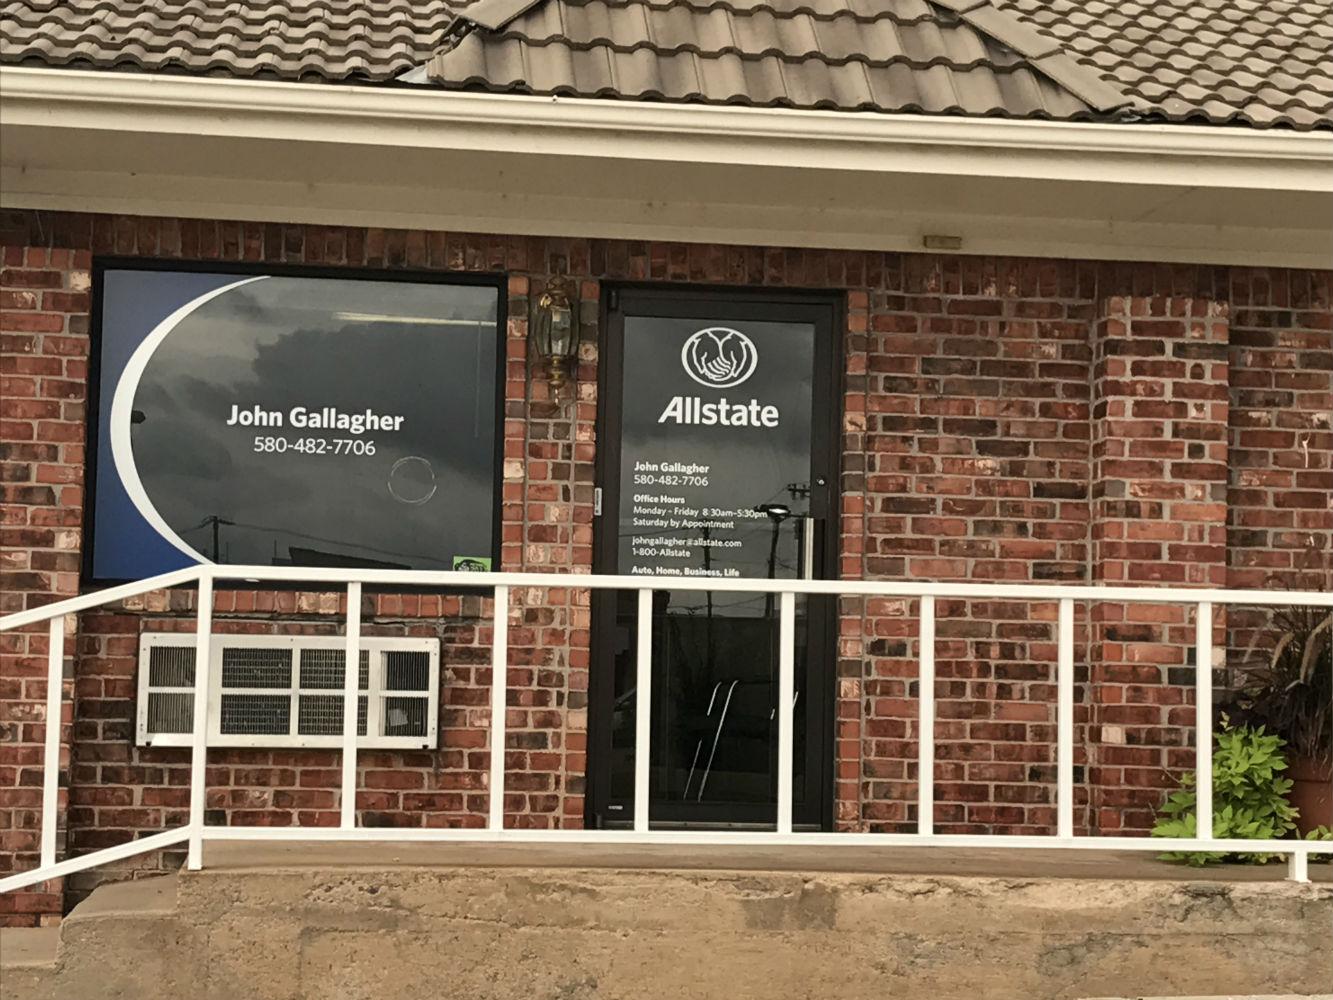 John Gallagher: Allstate Insurance image 1